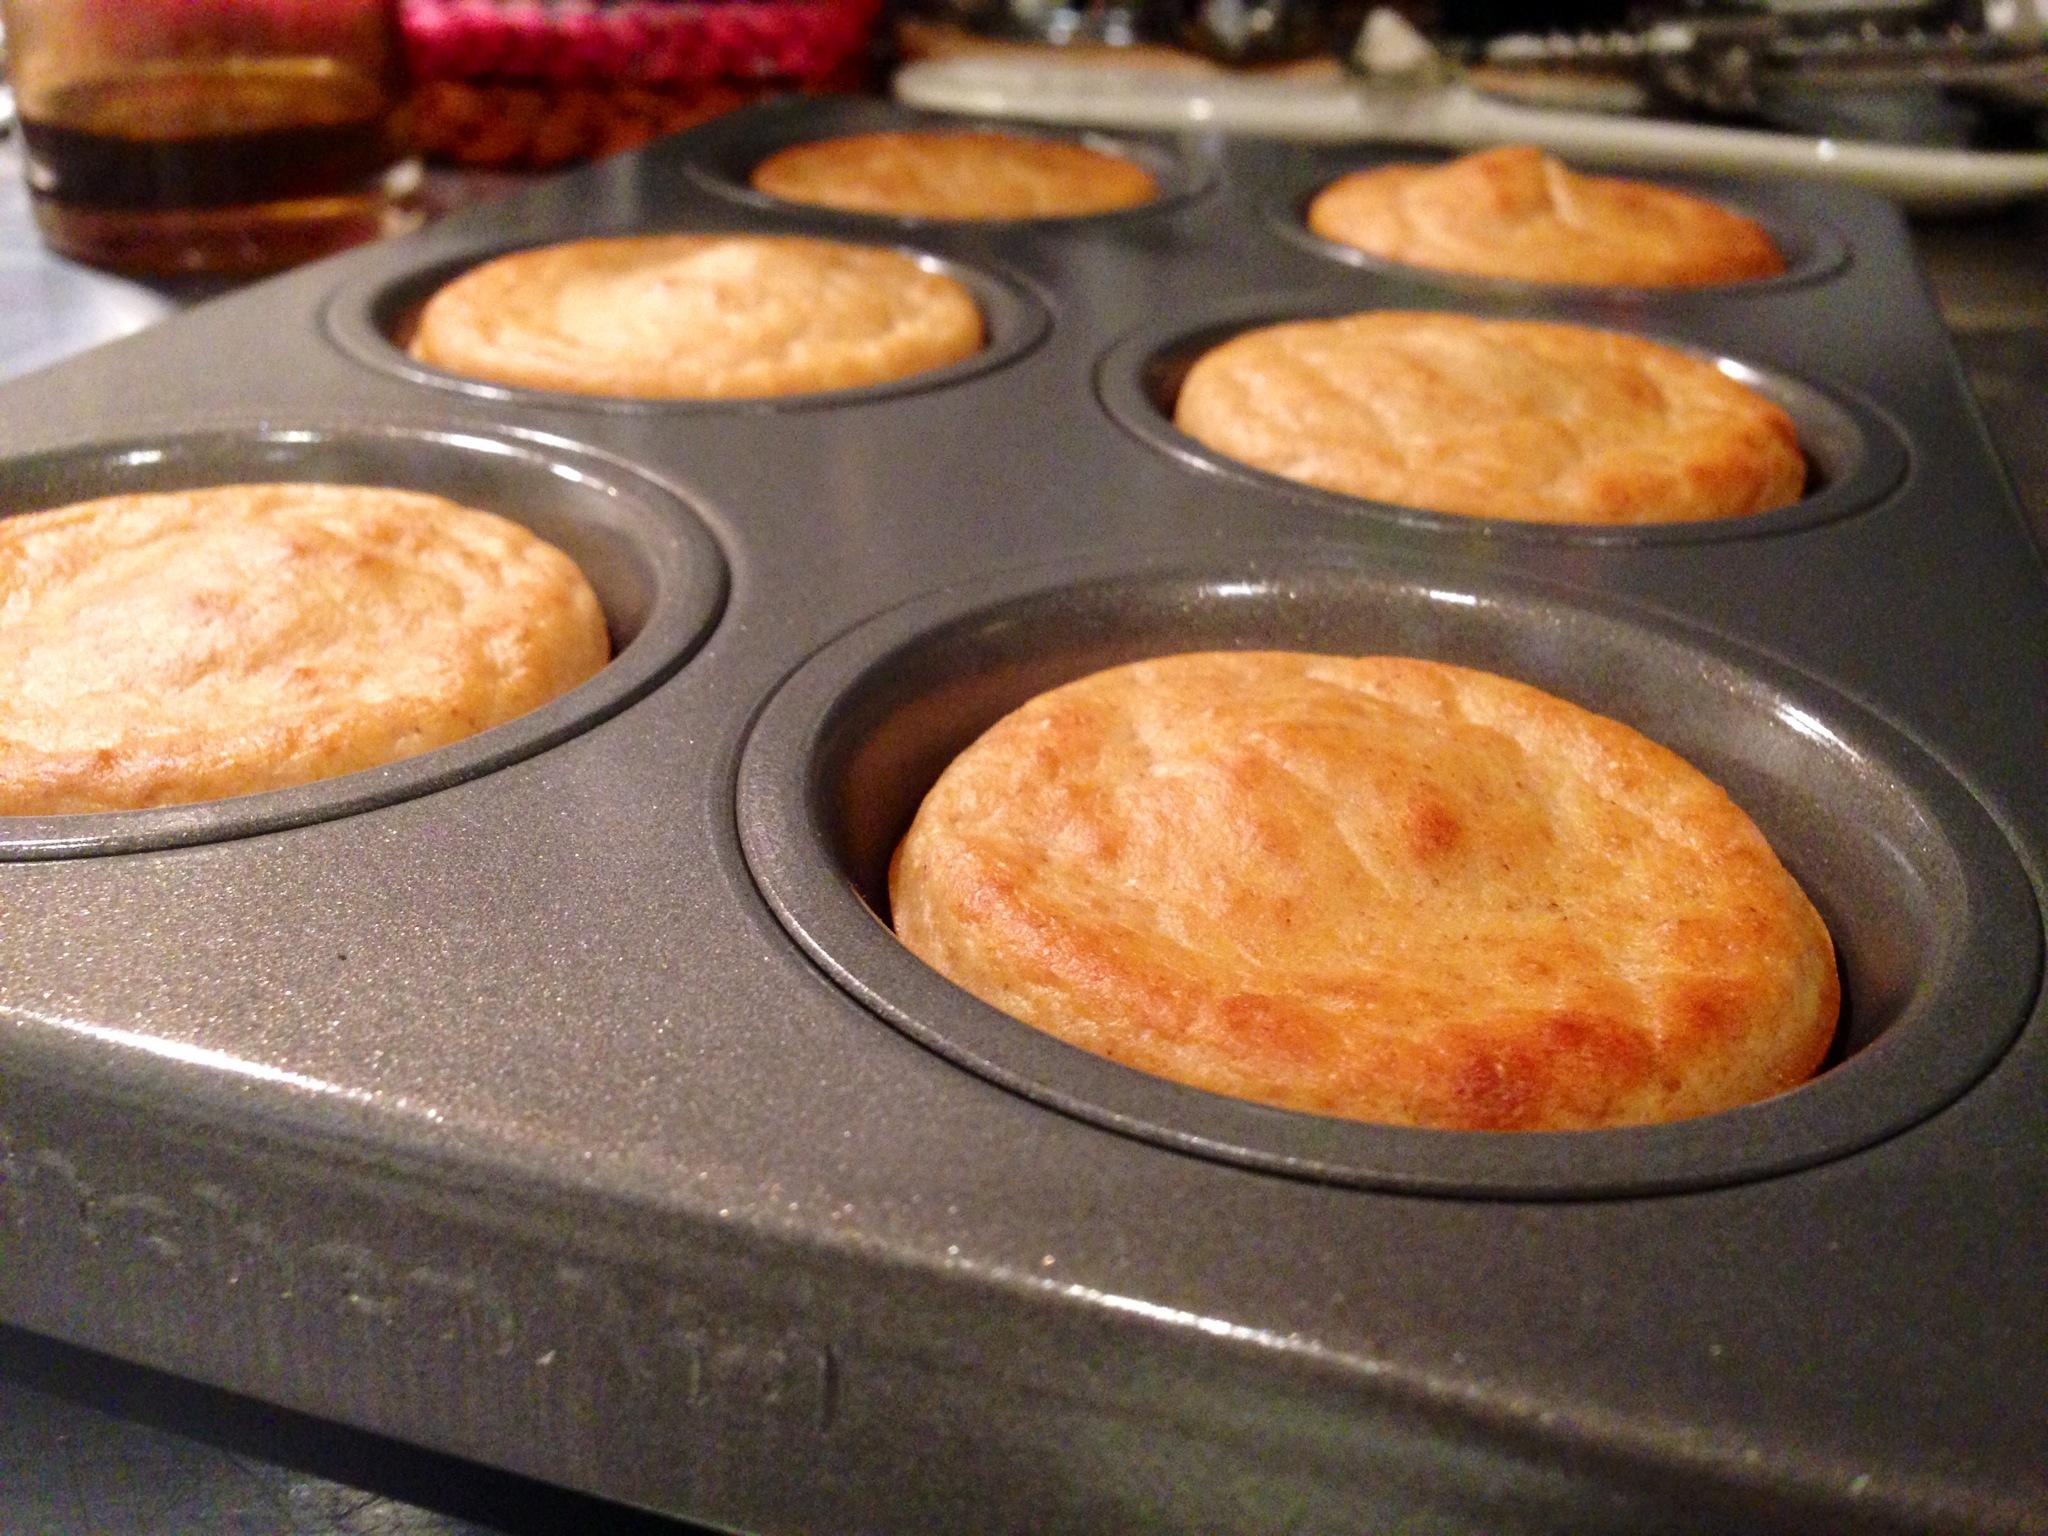 Popolare Muffin al Limone e Zenzero Vegani con Stevia - Dolci Senza Burro RB45